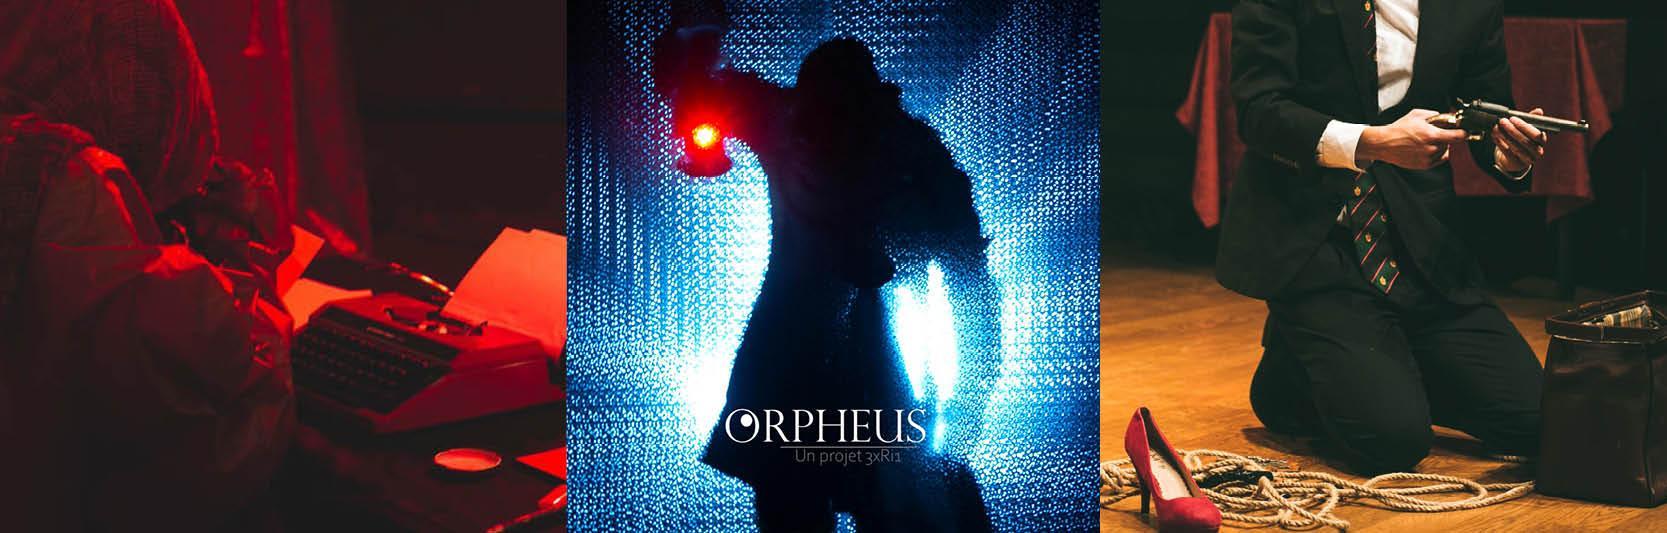 Visuel go orpheus 1